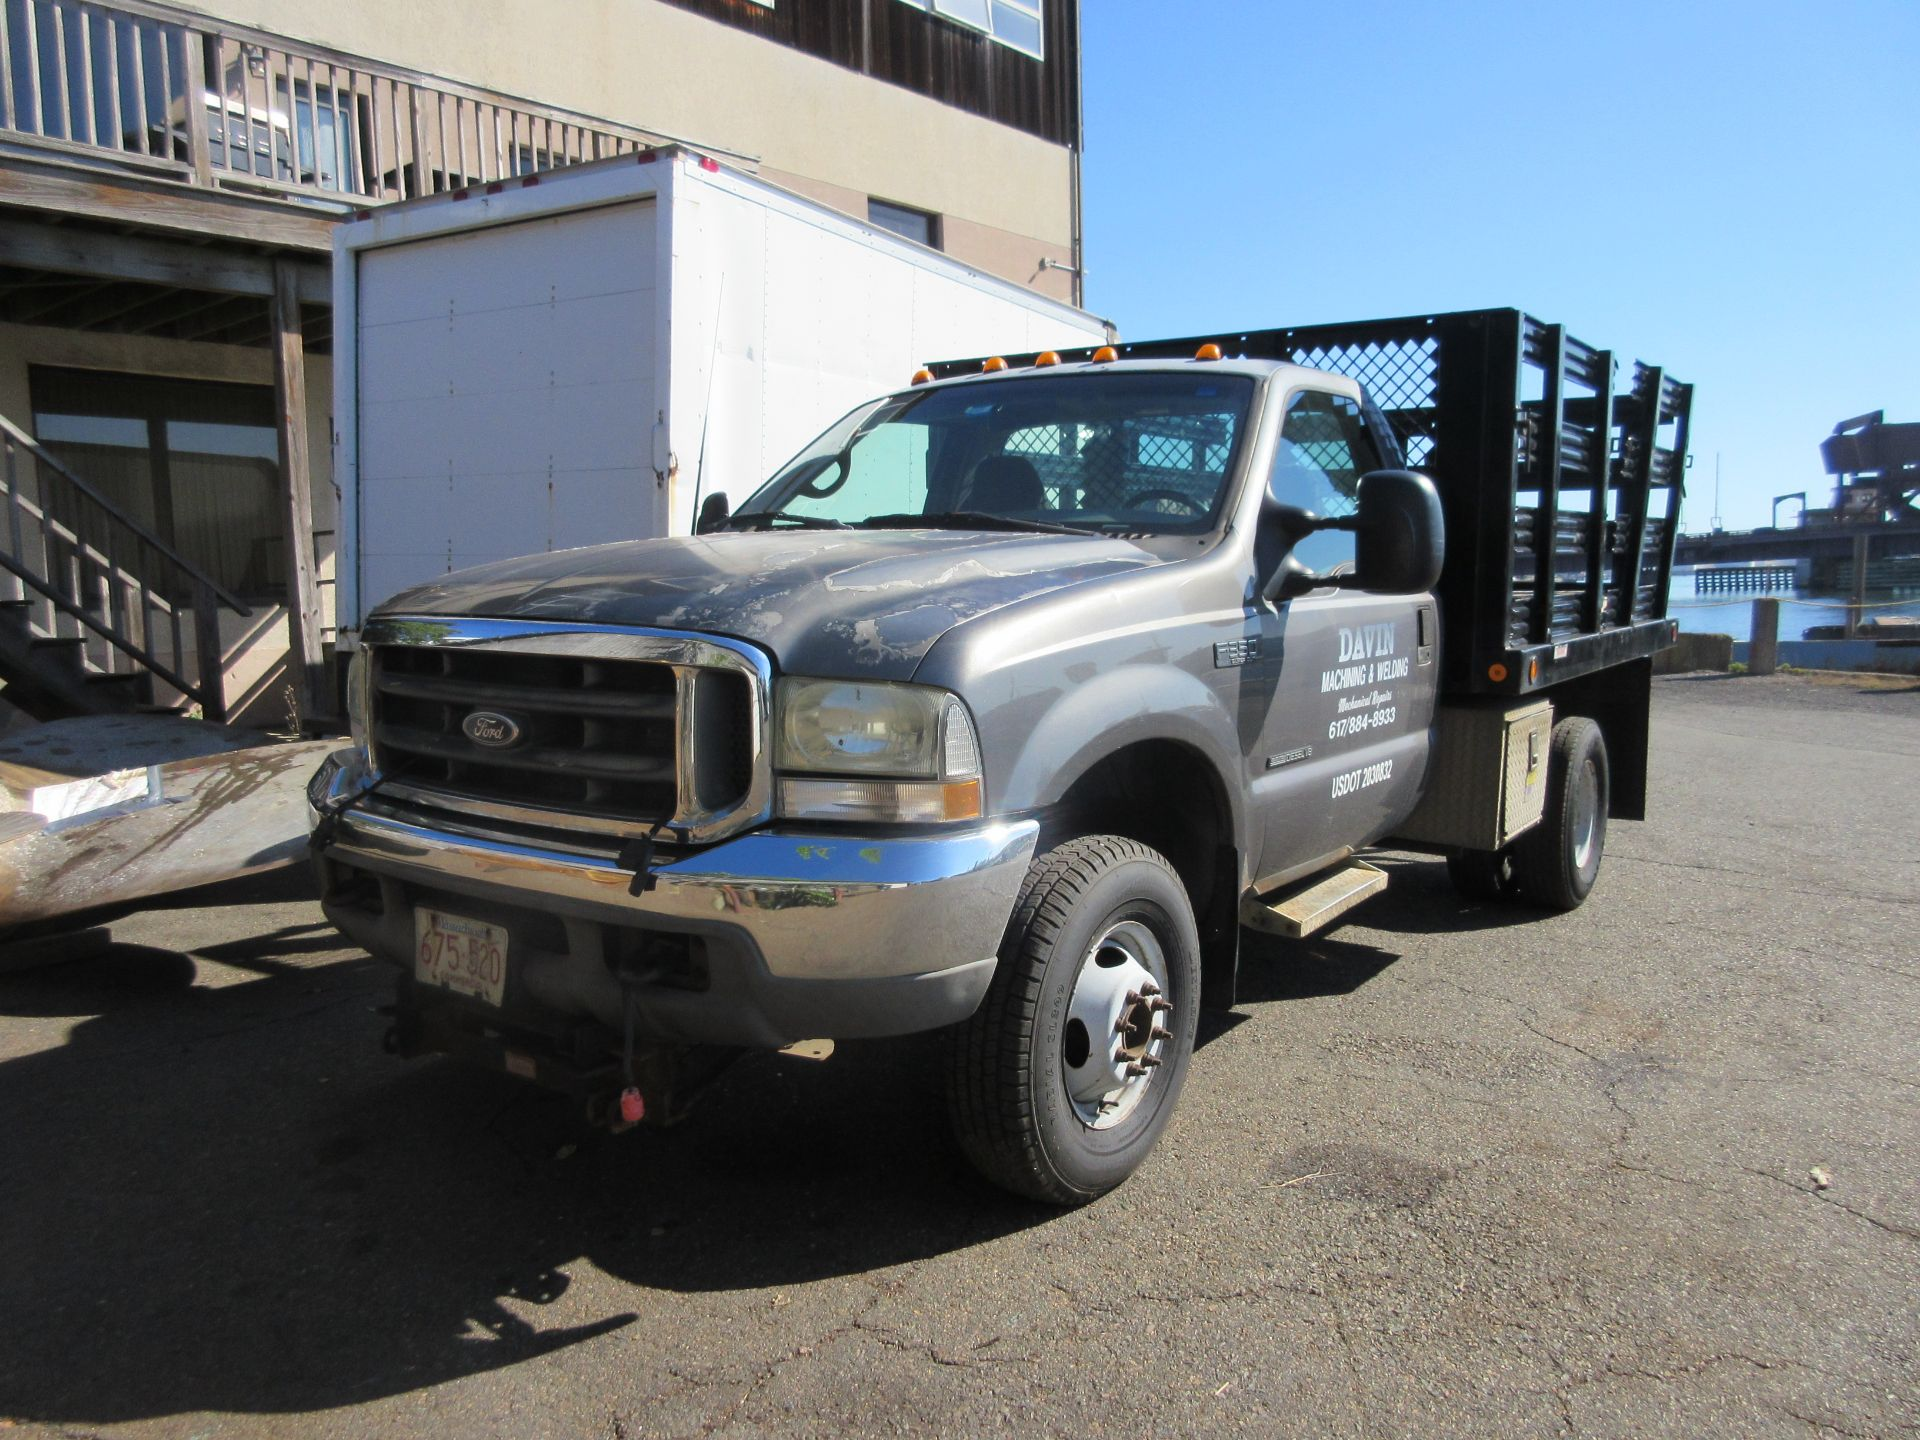 2002 Ford F-350 XLT Super Duty Power Stroke Flatbed Truck VIN 1FDWF37F62EB29656, Reading Body,